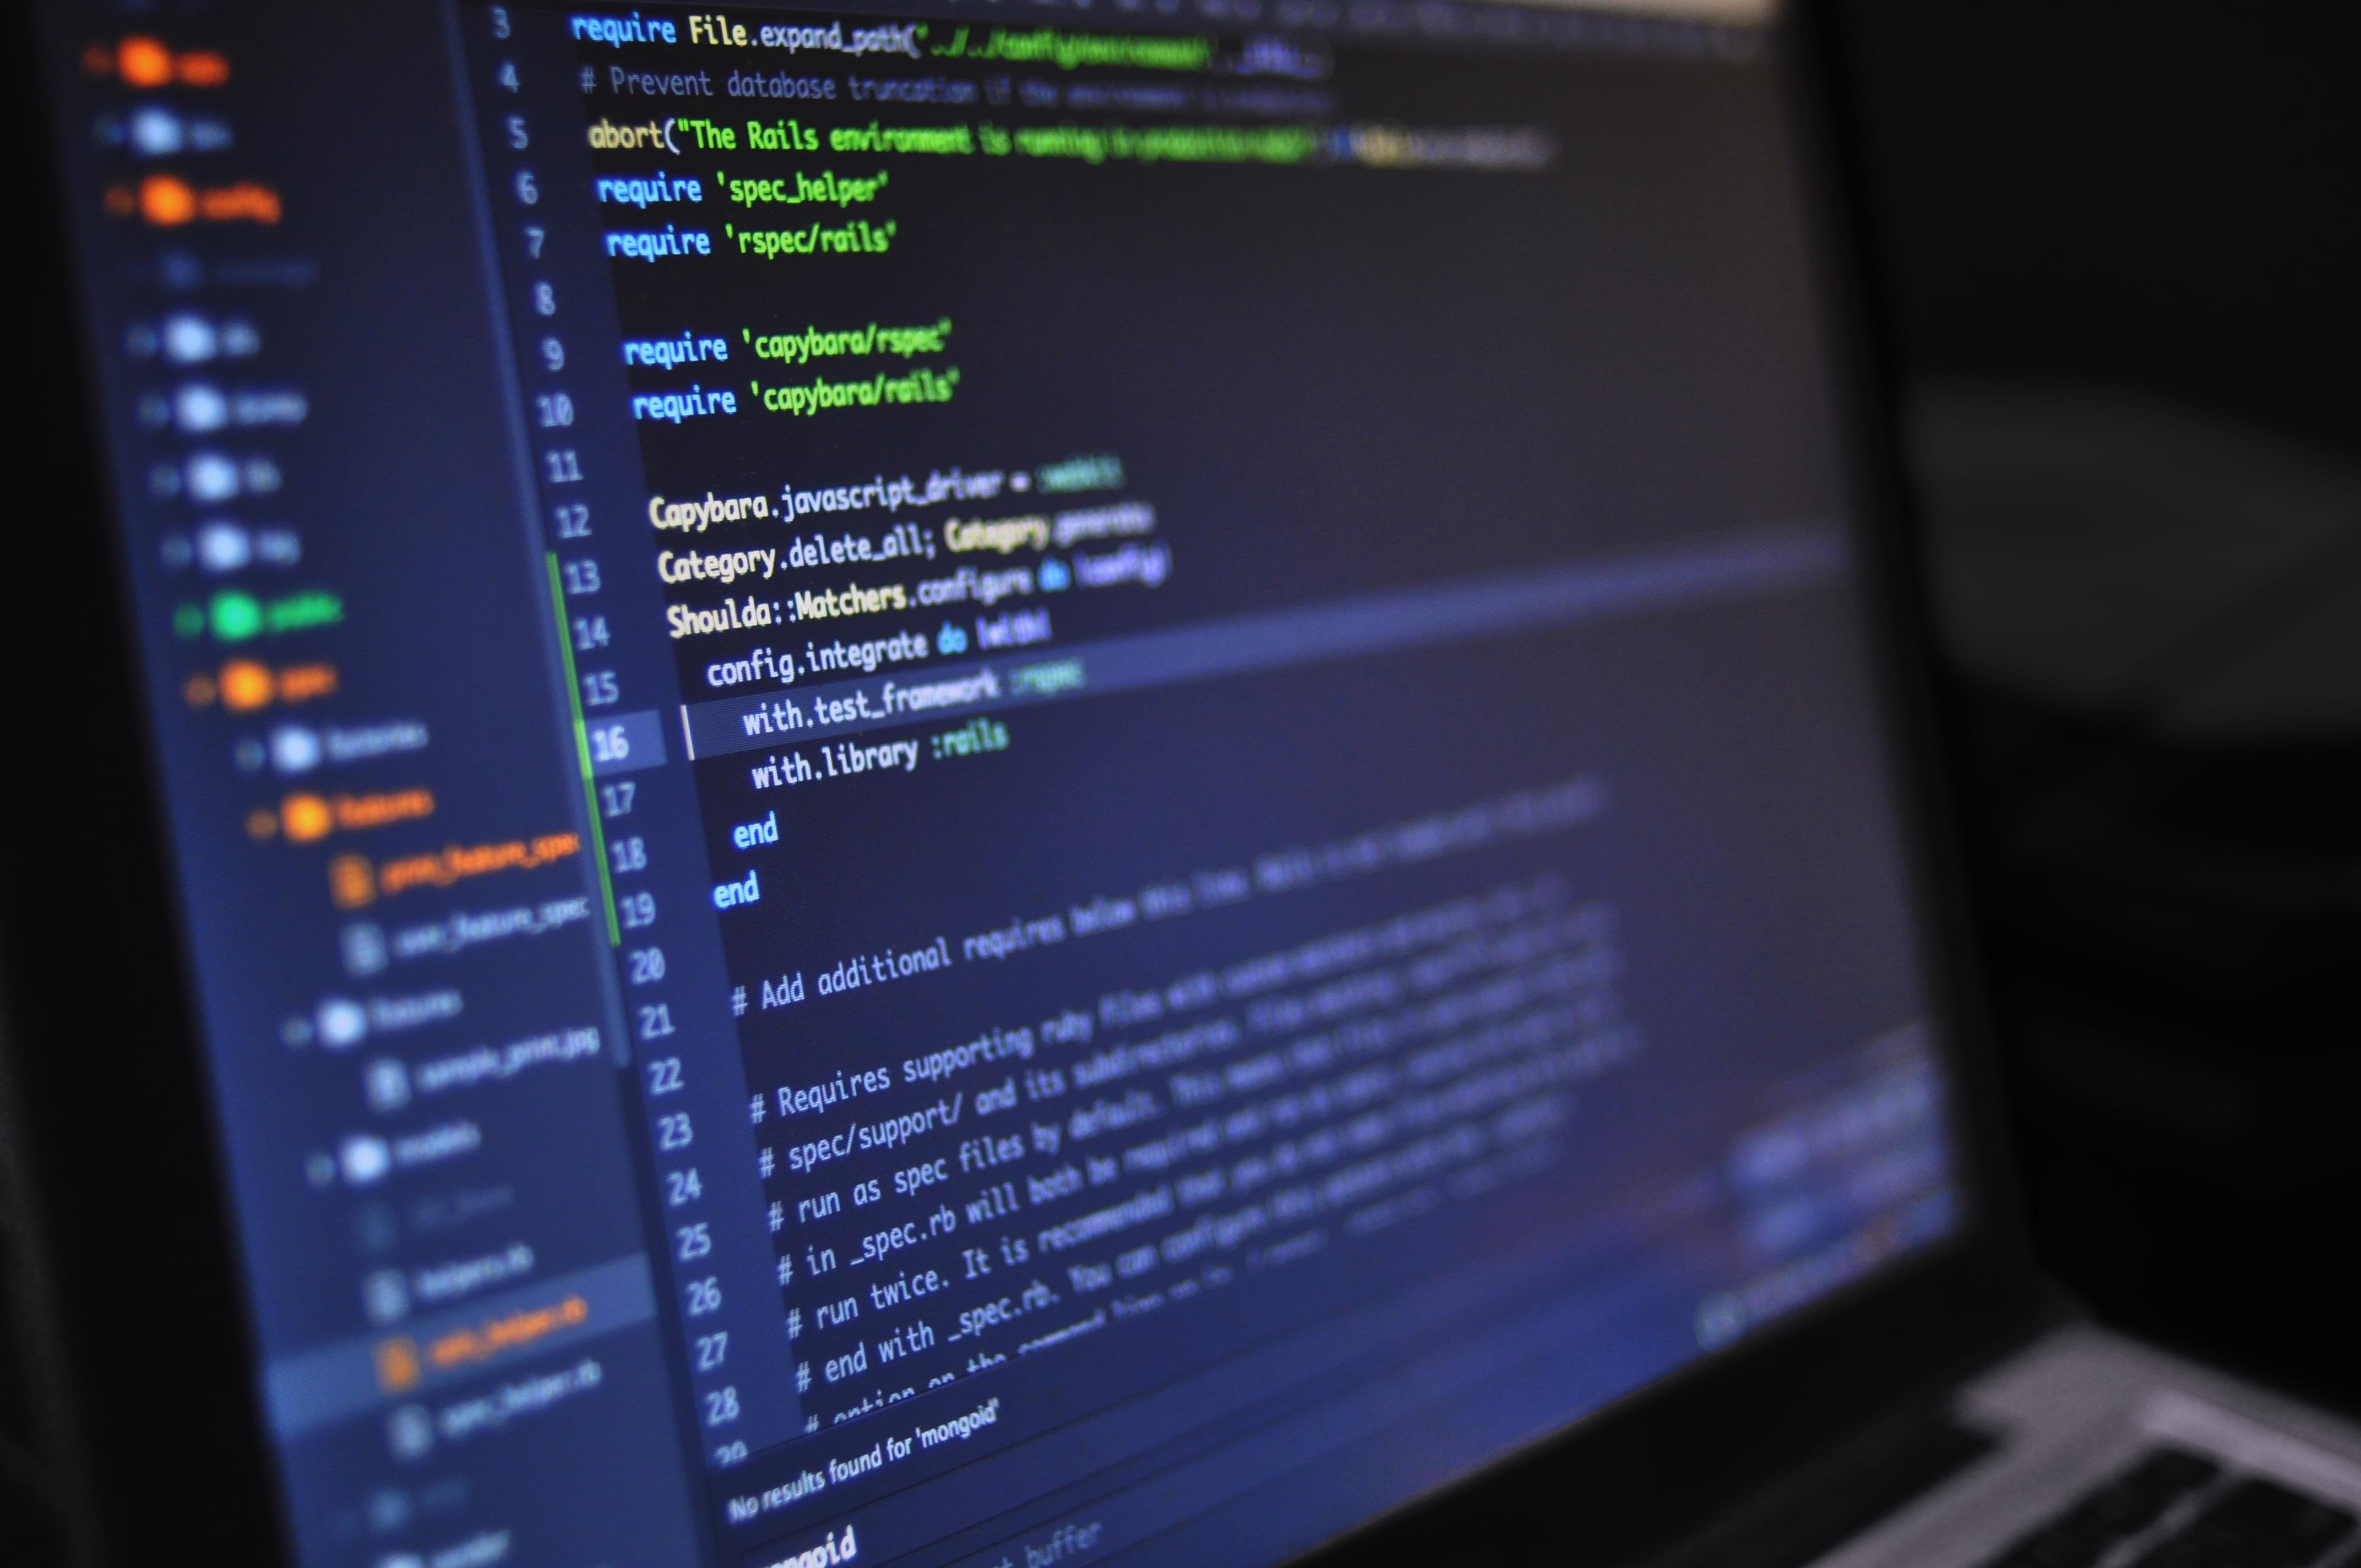 تعریف قانونی نرمافزار چیست؟